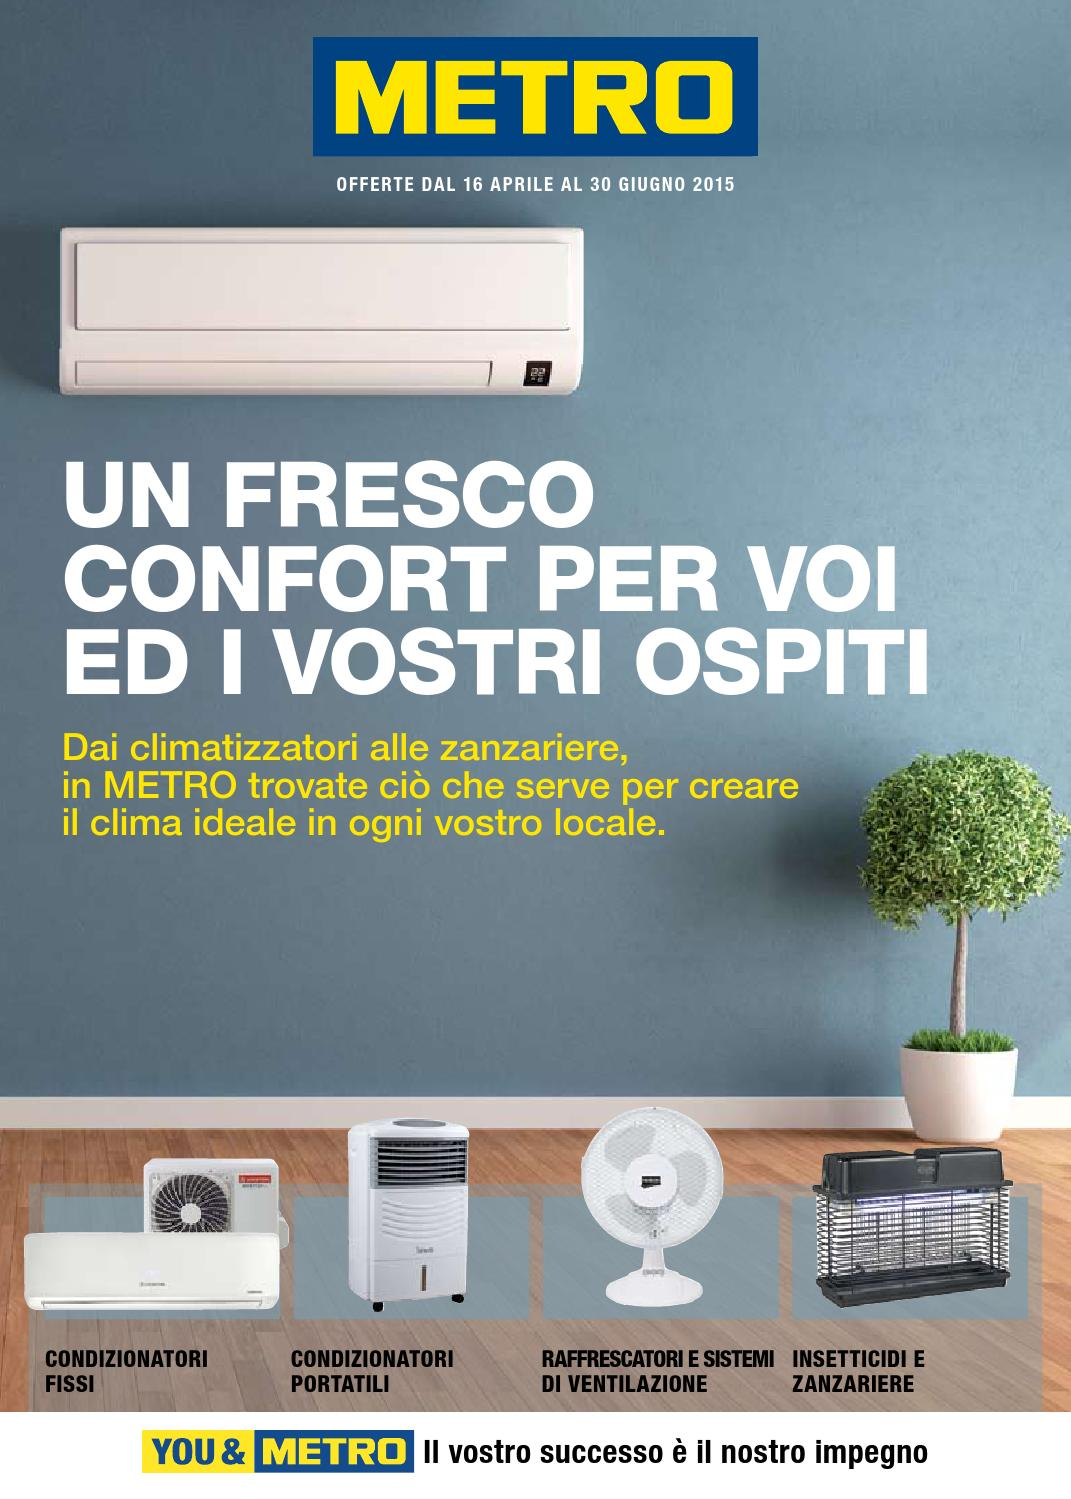 Metro italia metro speciale condizionamento by masura - issuu